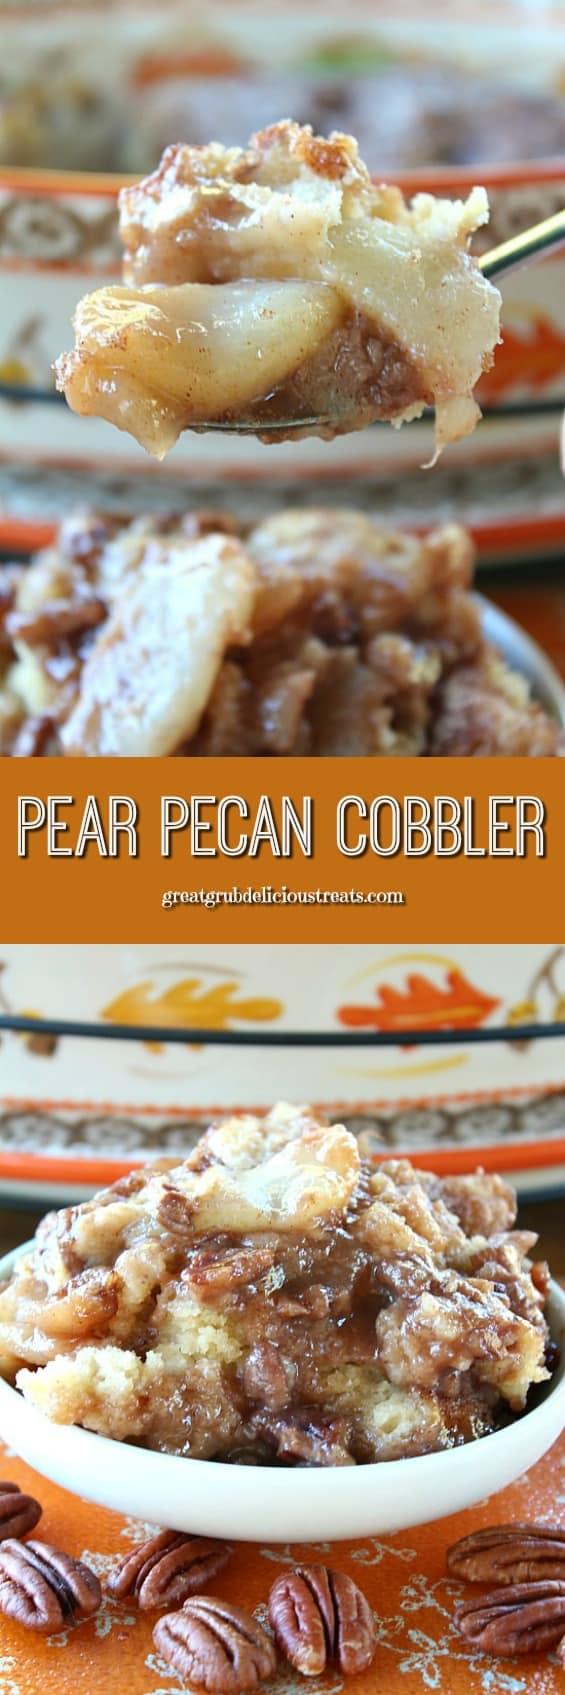 Pear Pecan Cobbler